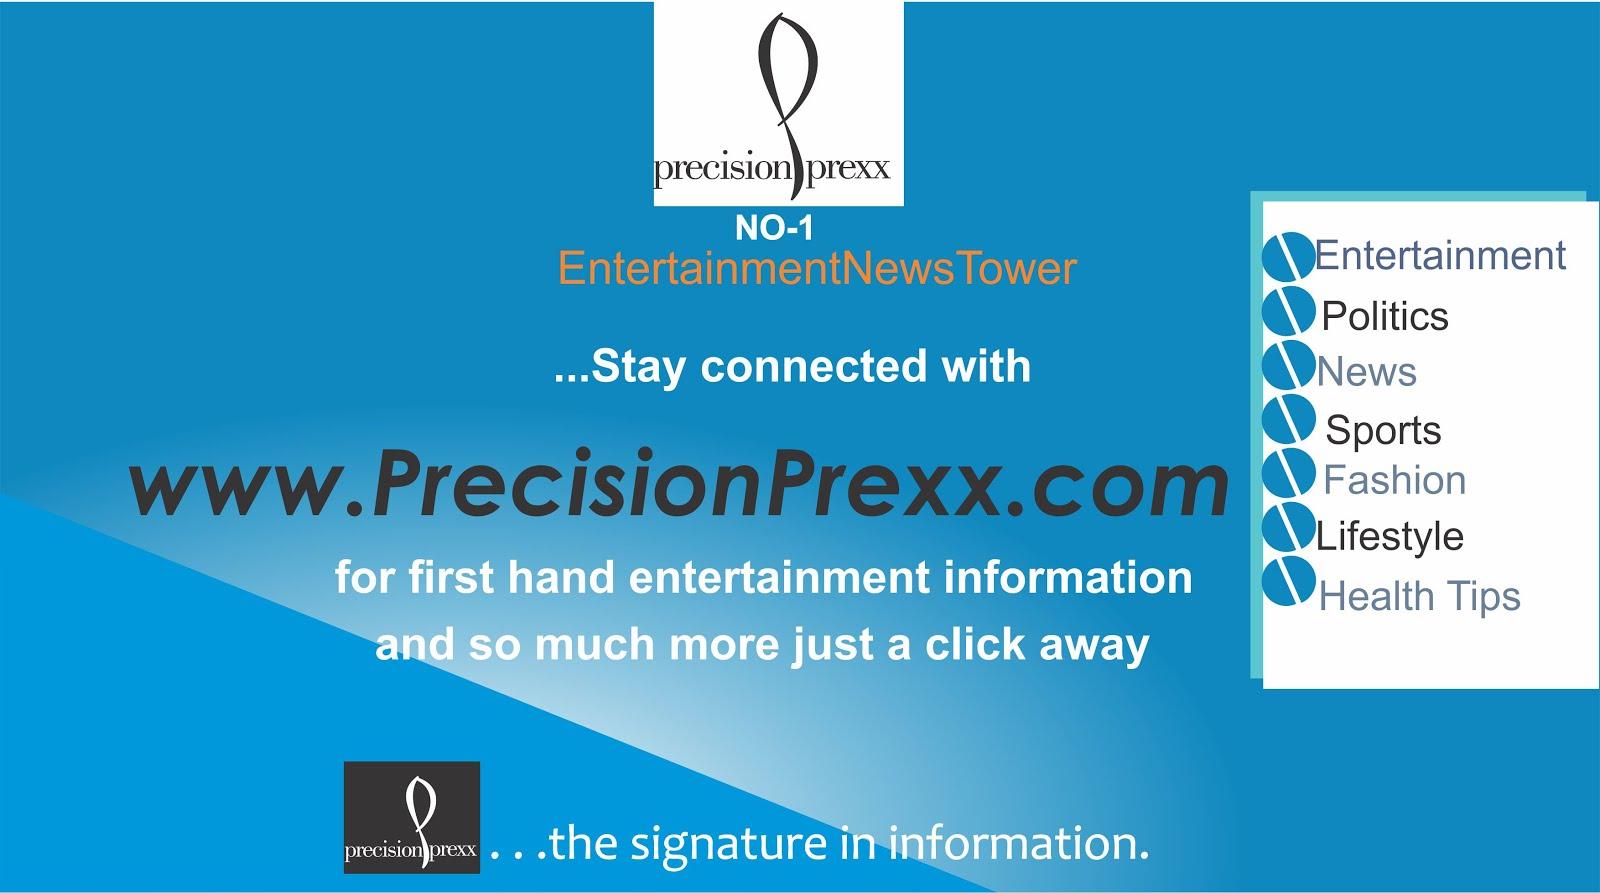 PrecisionPrexx